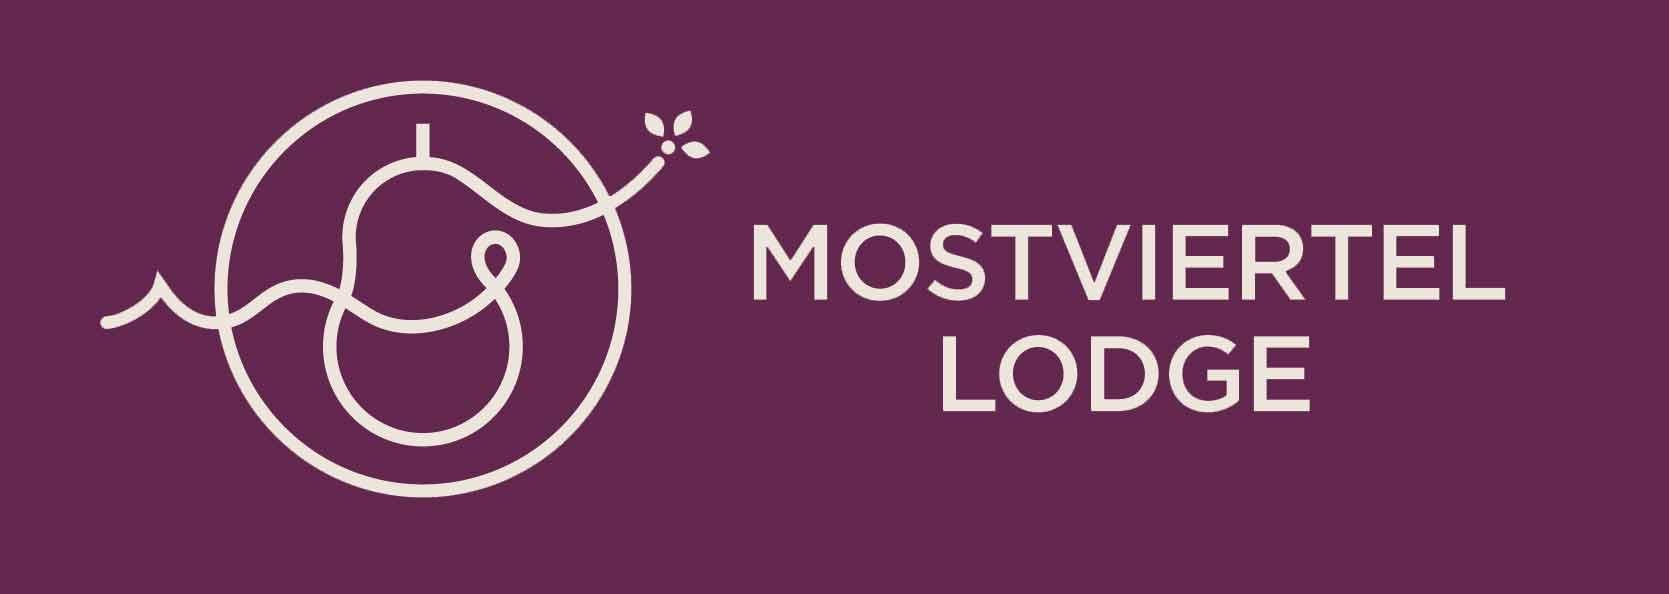 Mostviertel Lodge